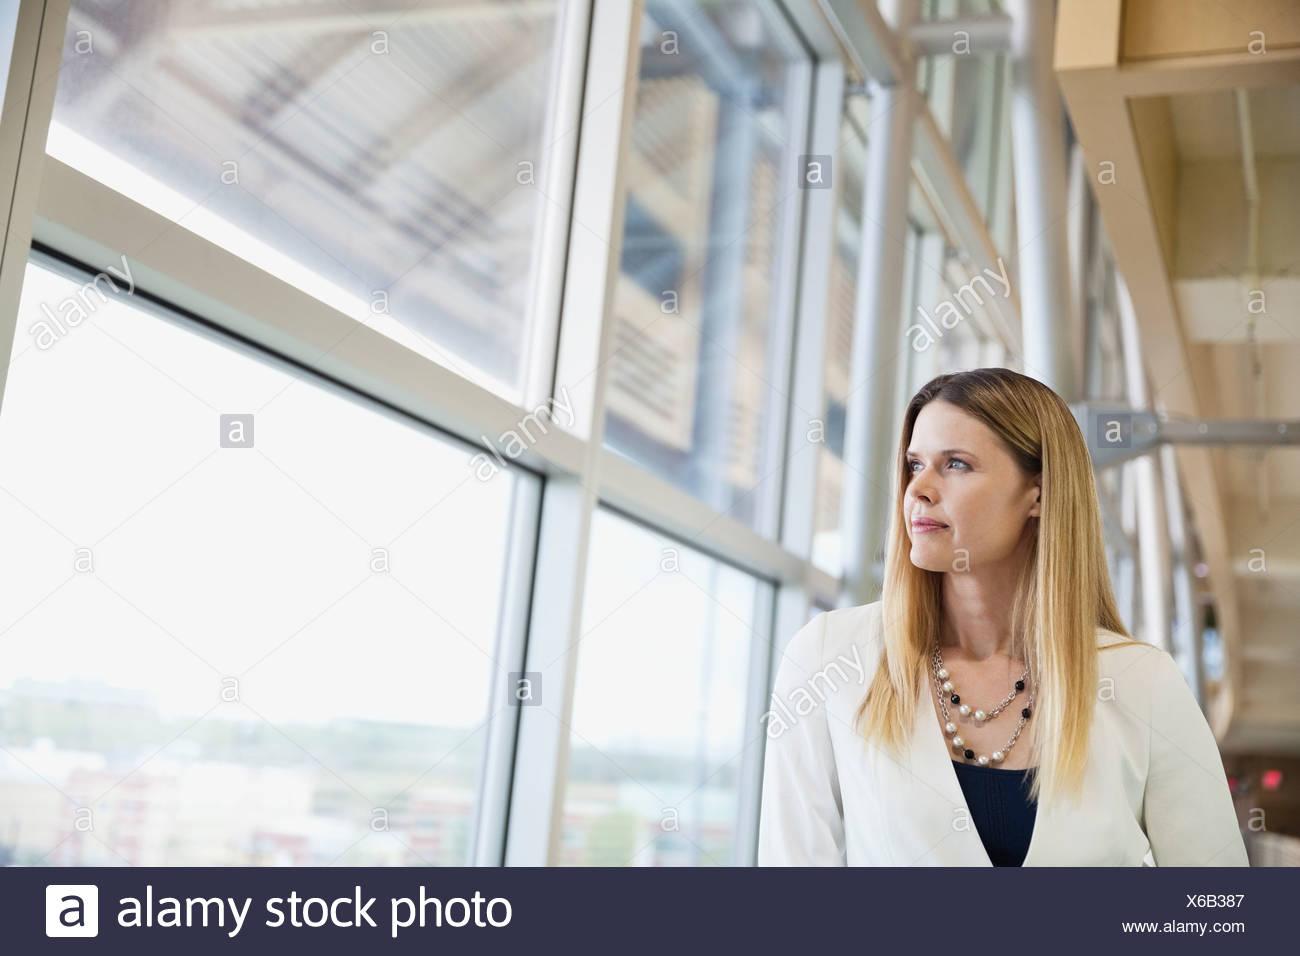 La empresaria pensativa mirando afuera de la ventana Imagen De Stock